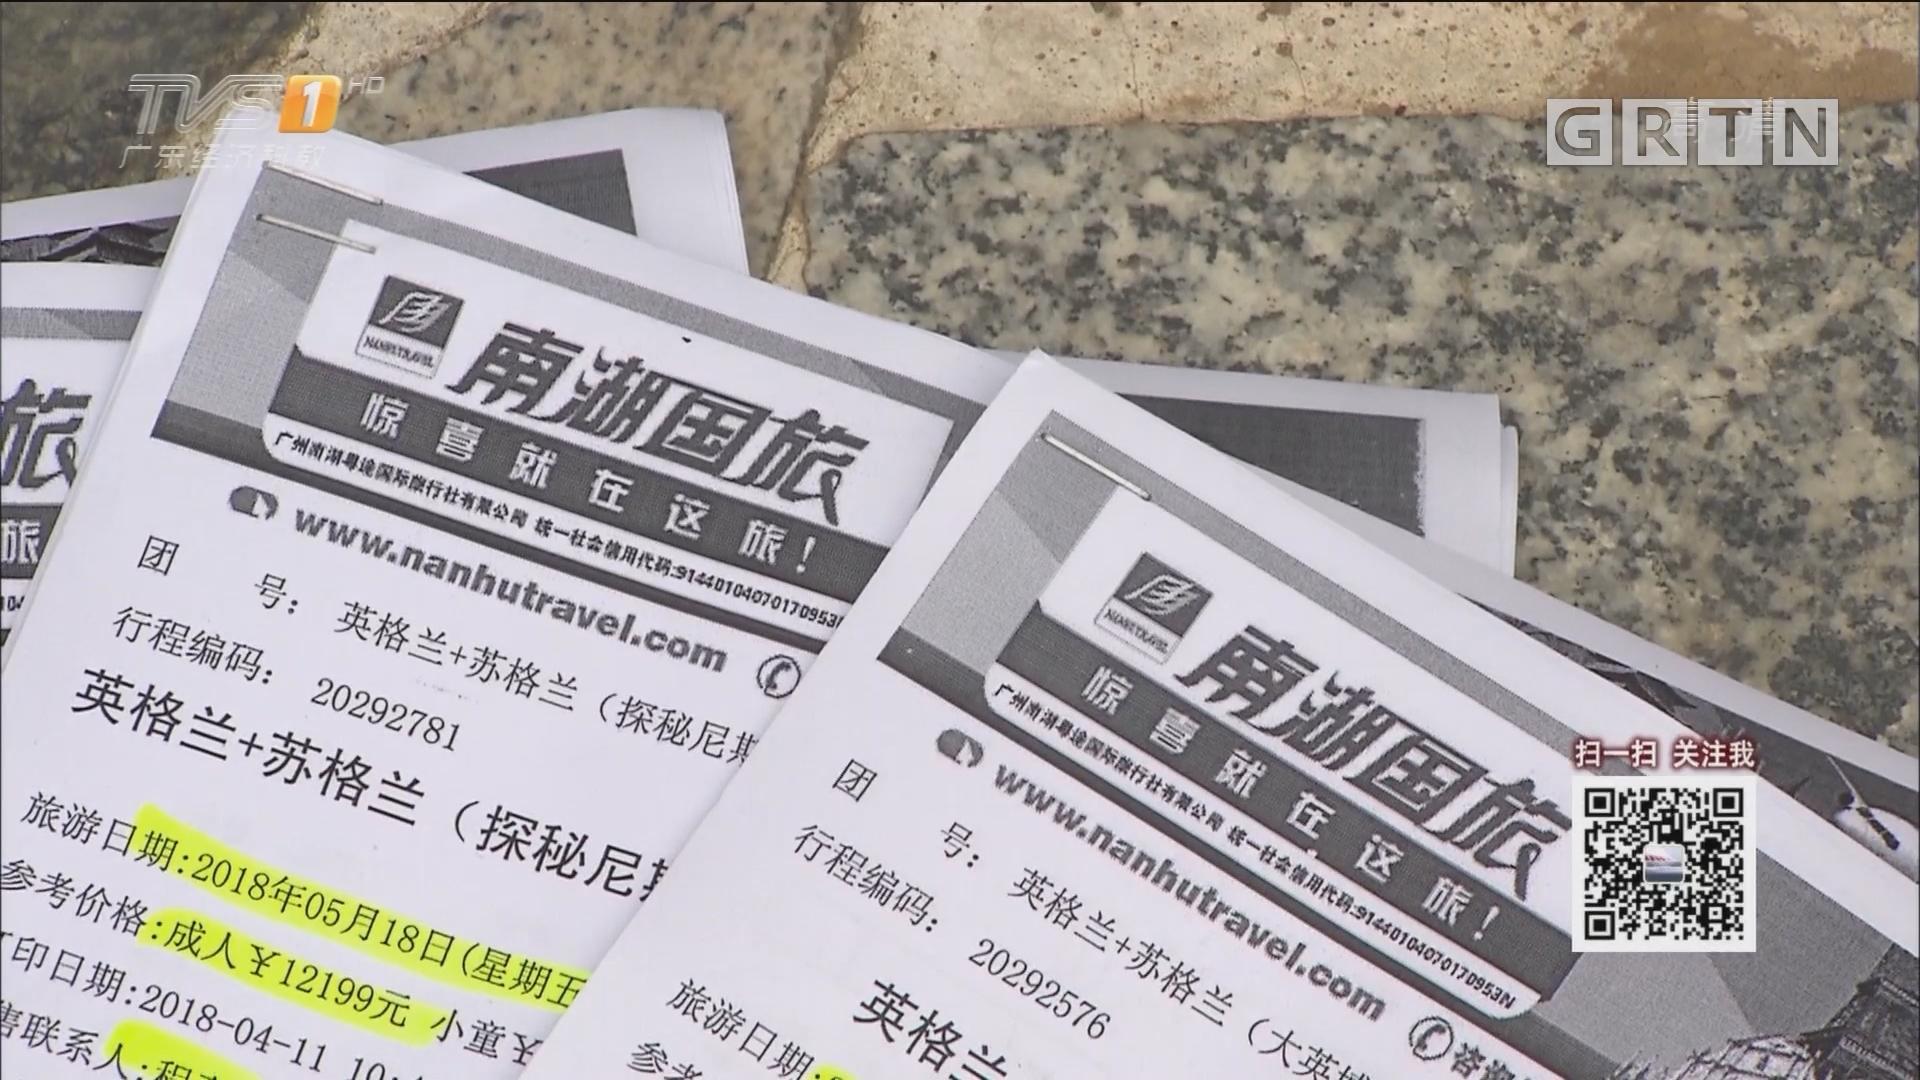 """旅行团内幕调查:低价团恶性竞争 游客成""""商品""""(下)"""